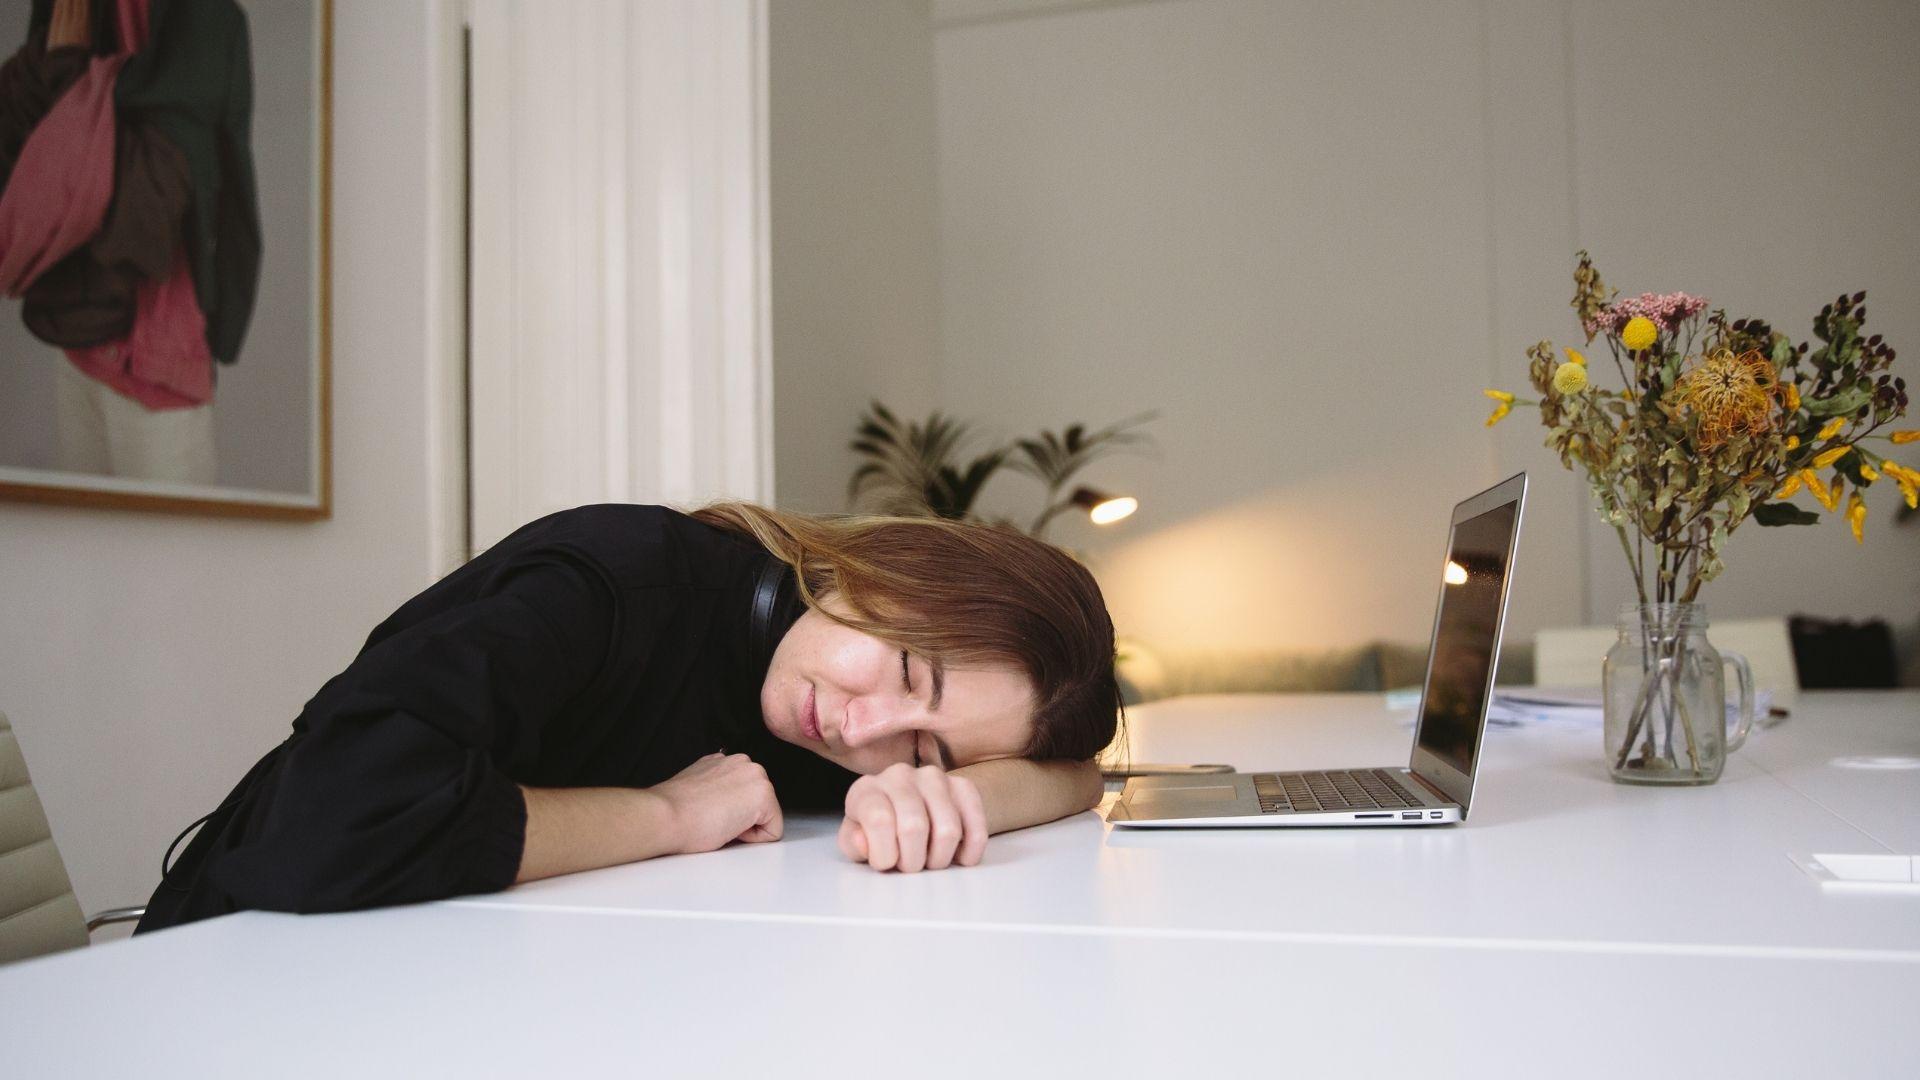 Entspannungstechnik - Power Nap